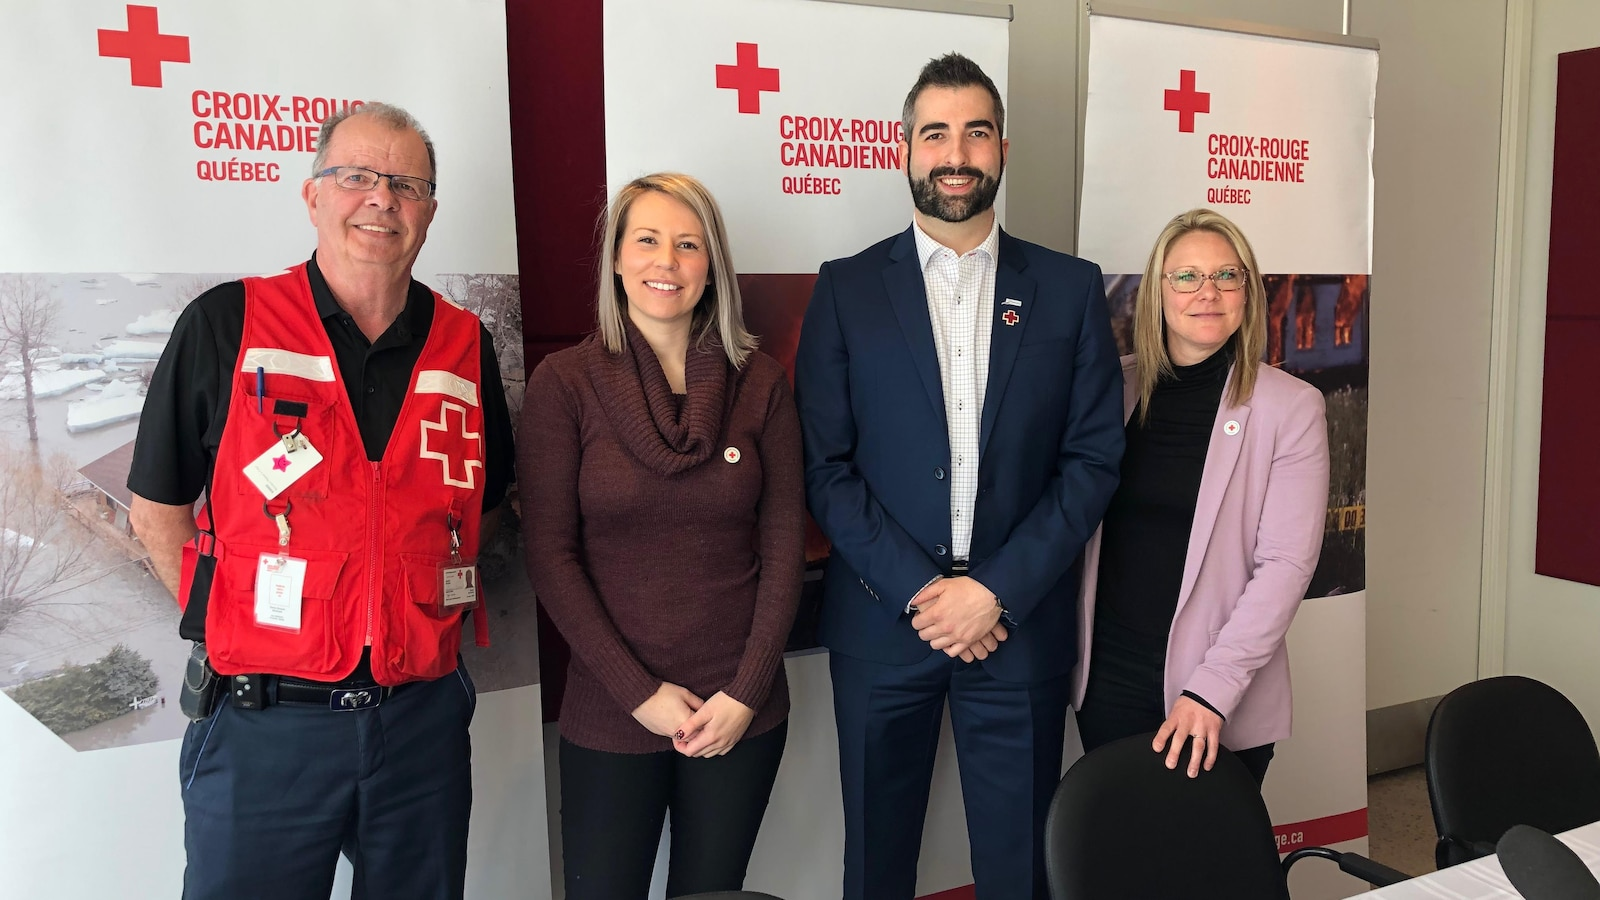 Le président d'honneur Kevin Armstrong entouré de trois responsables de la Croix-Rouge.